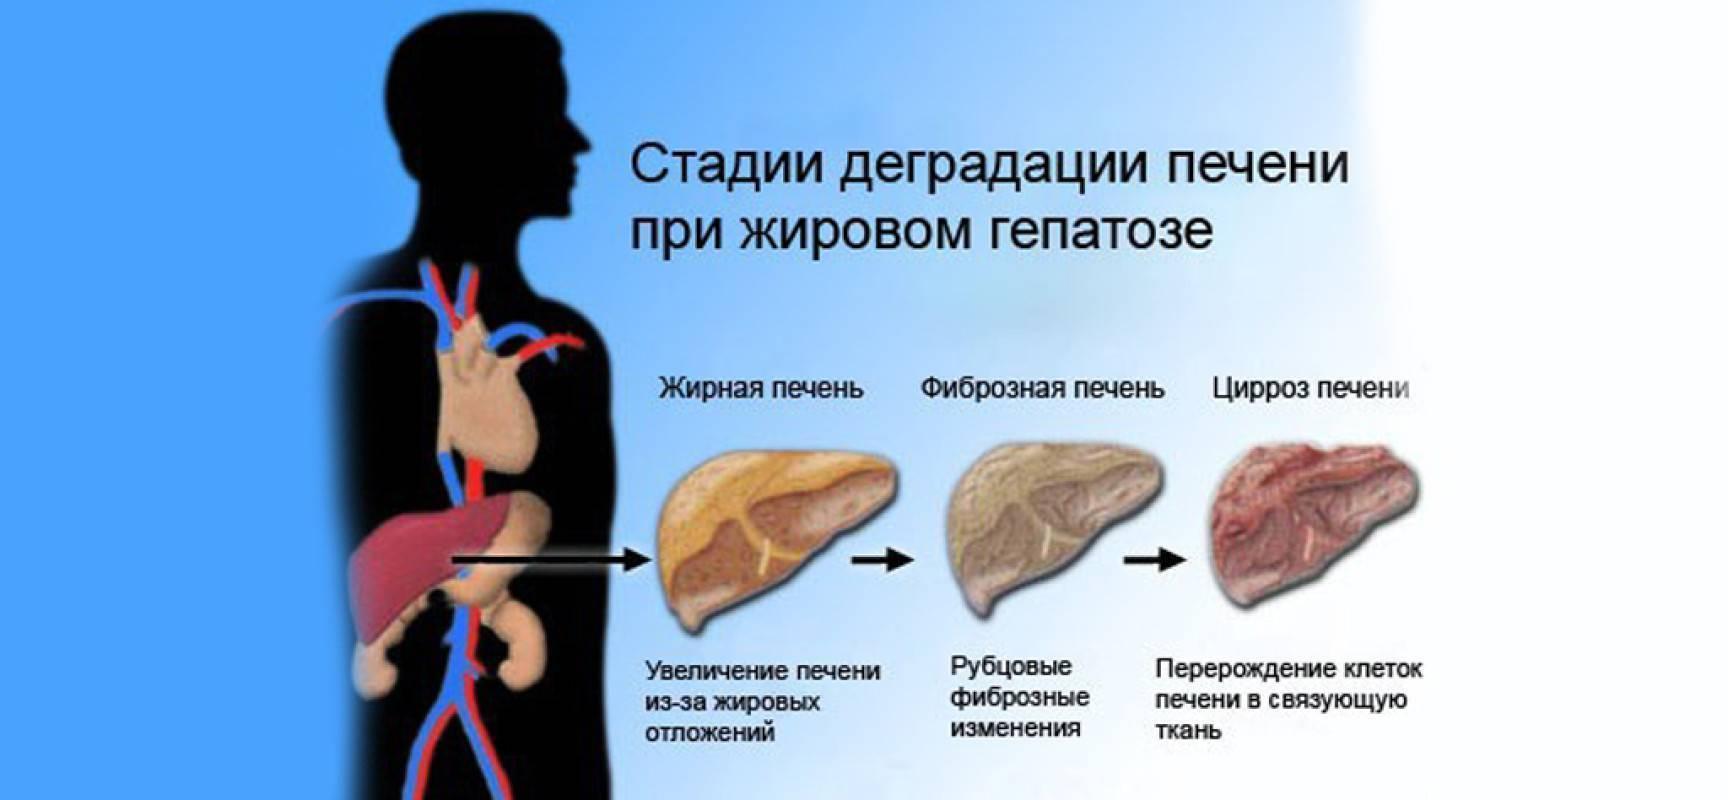 диффузное изменение печени по типу жирового гепатоза